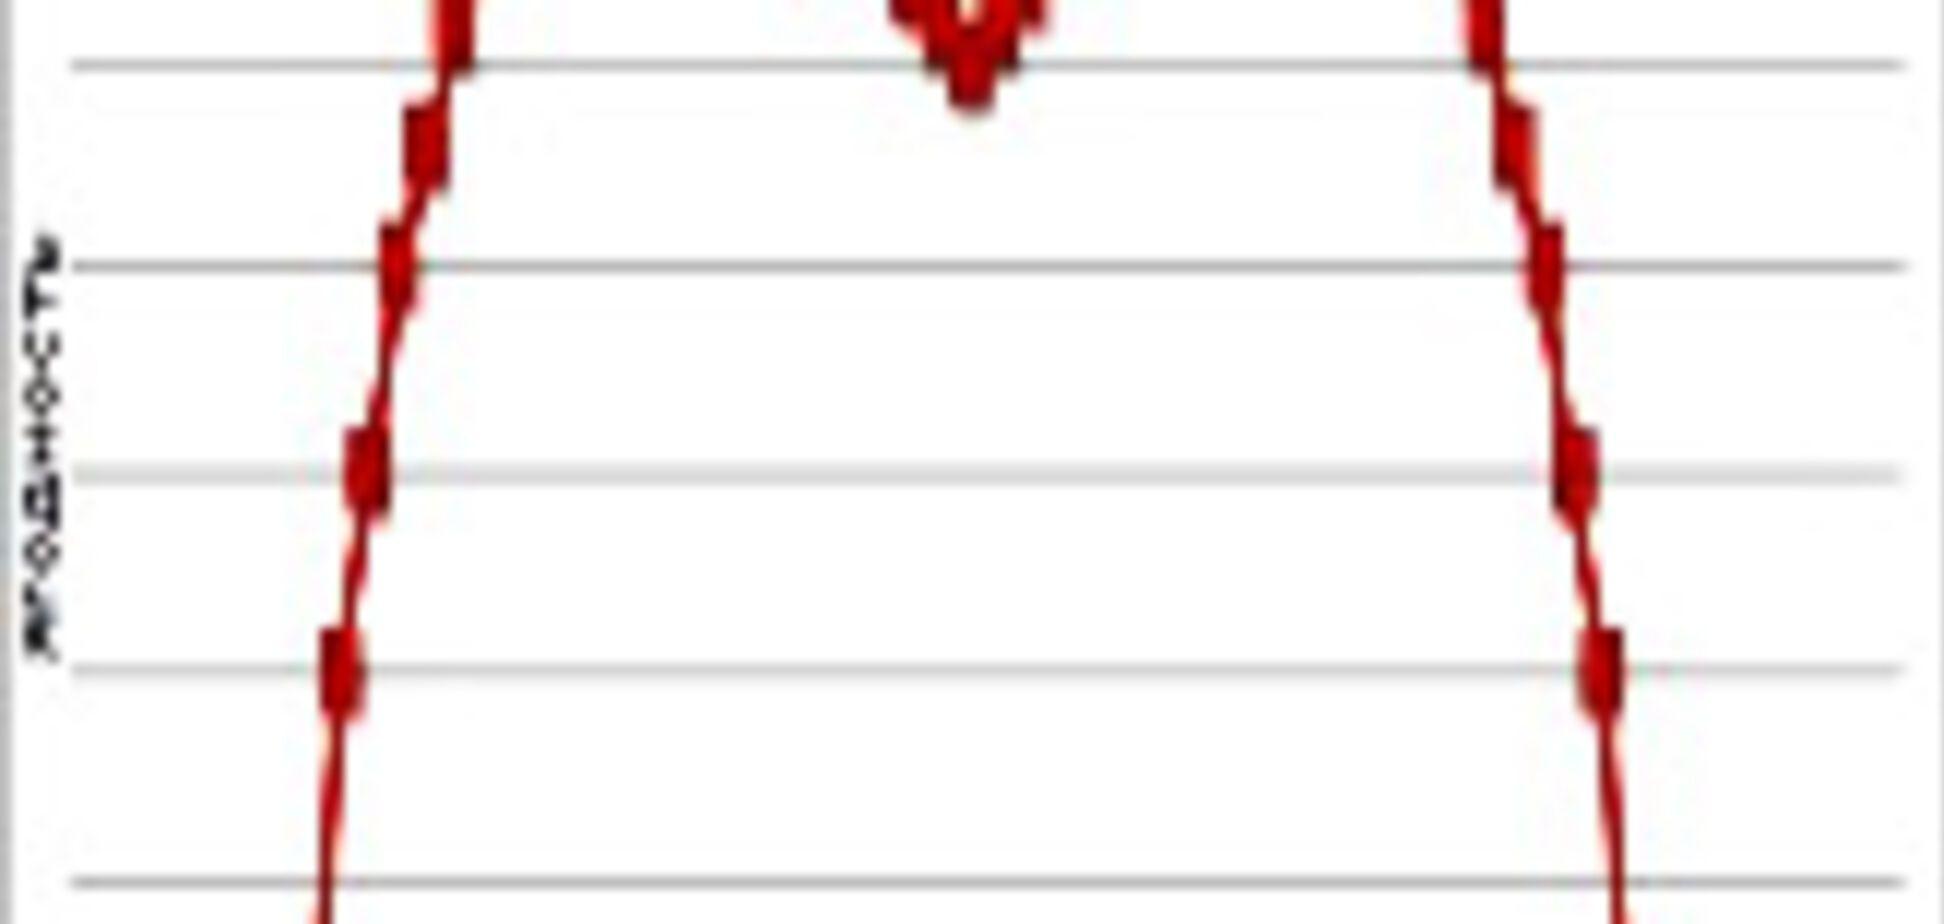 График распределения женской ягодочности.Да-да, тех 'ягодок'